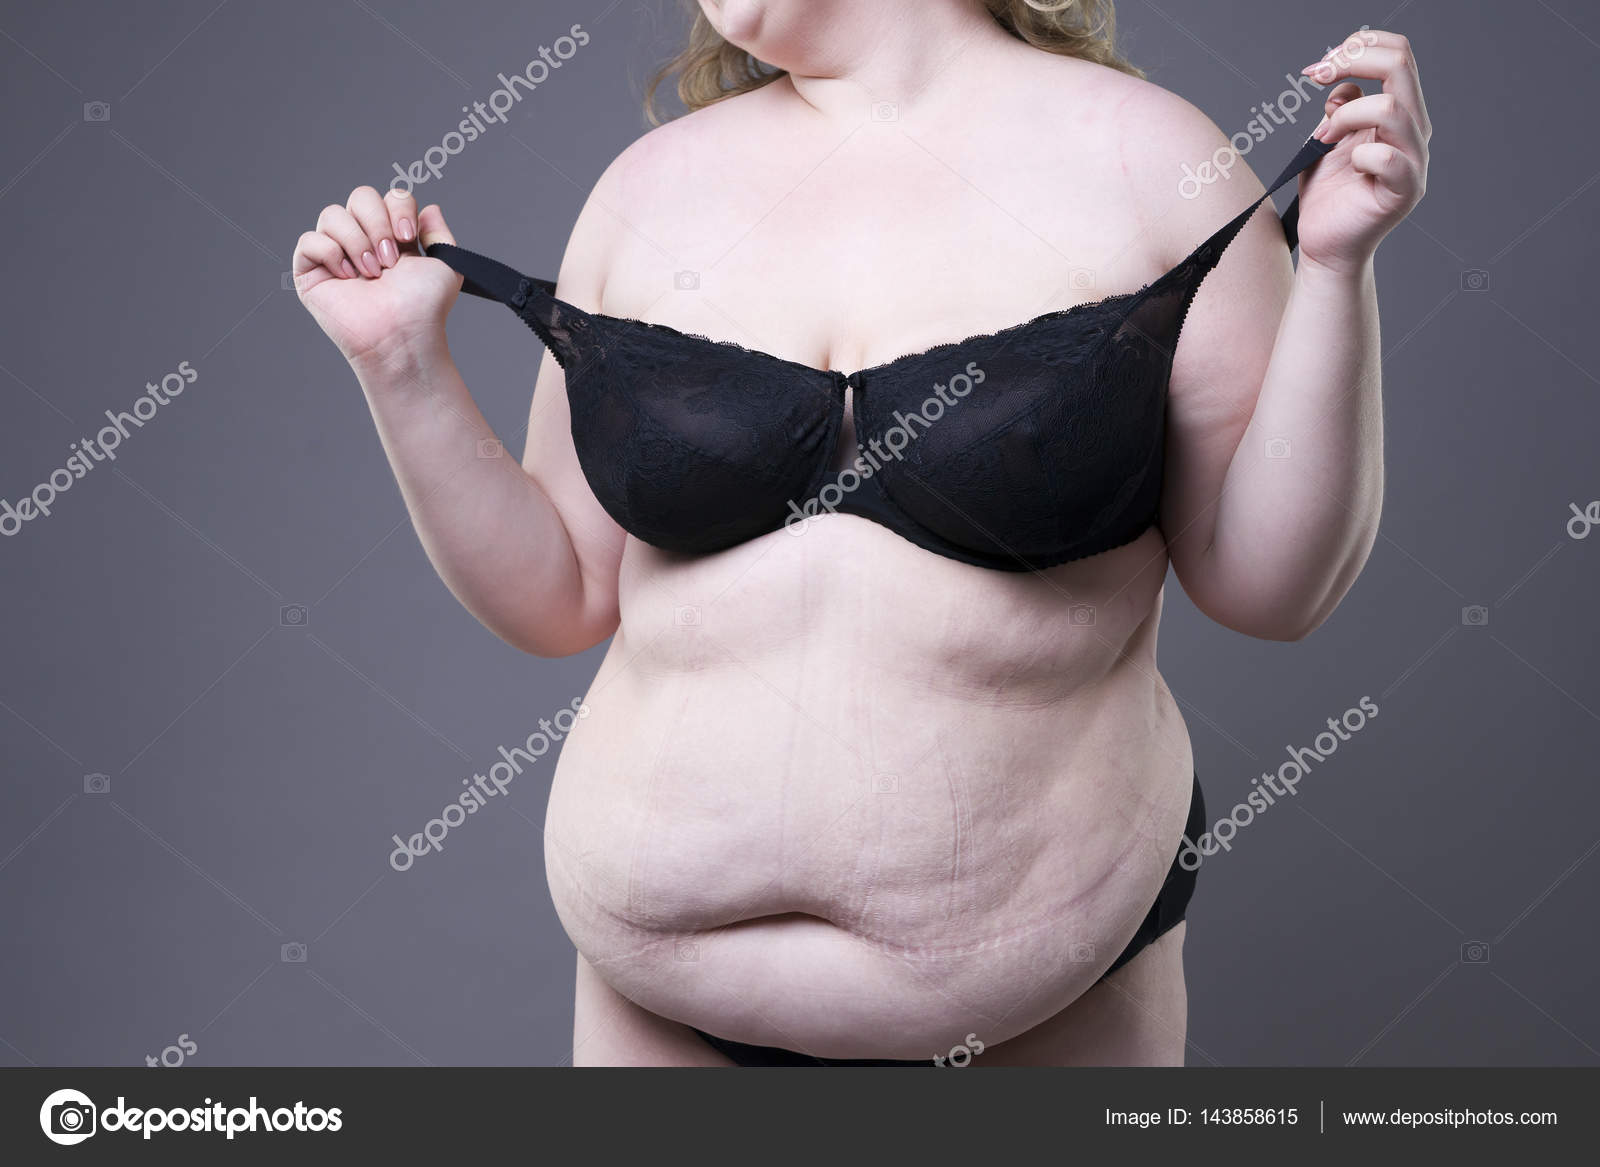 Секс теток в теле, Порно зрелых онлайн бесплатно в хорошем качестве 23 фотография